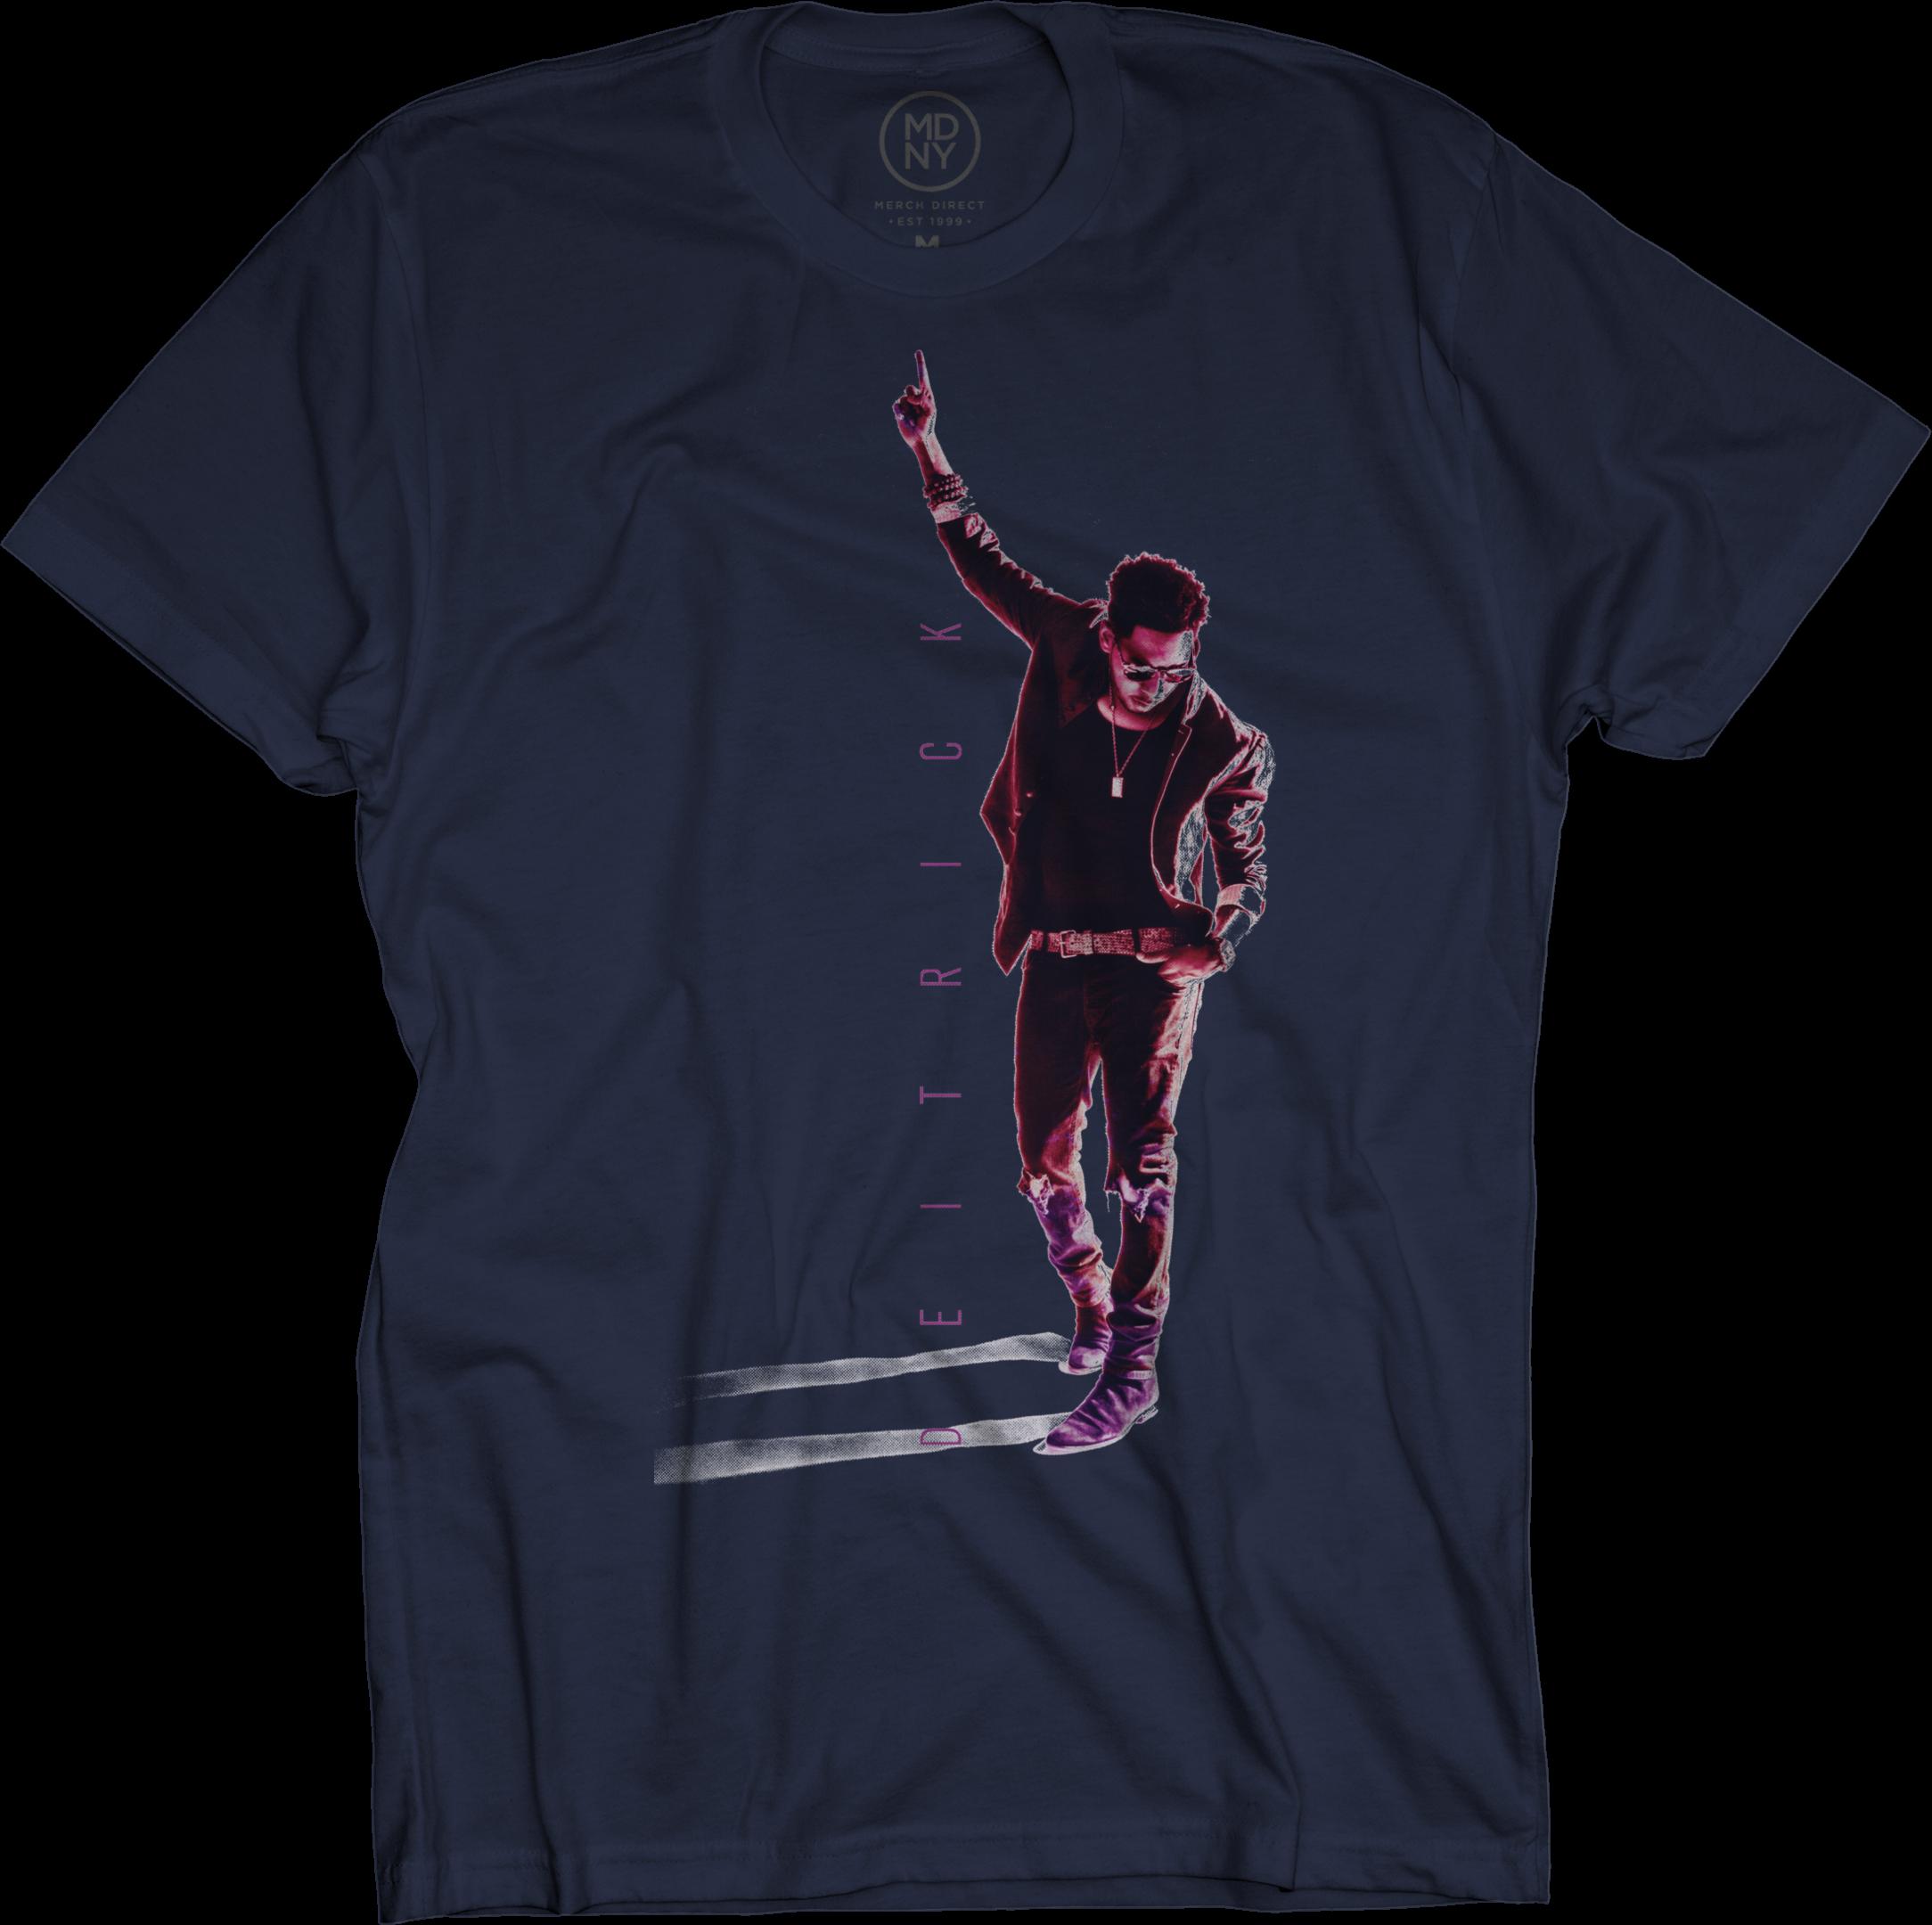 Deitrick Haddon - Pink Photo on Navy T-Shirt